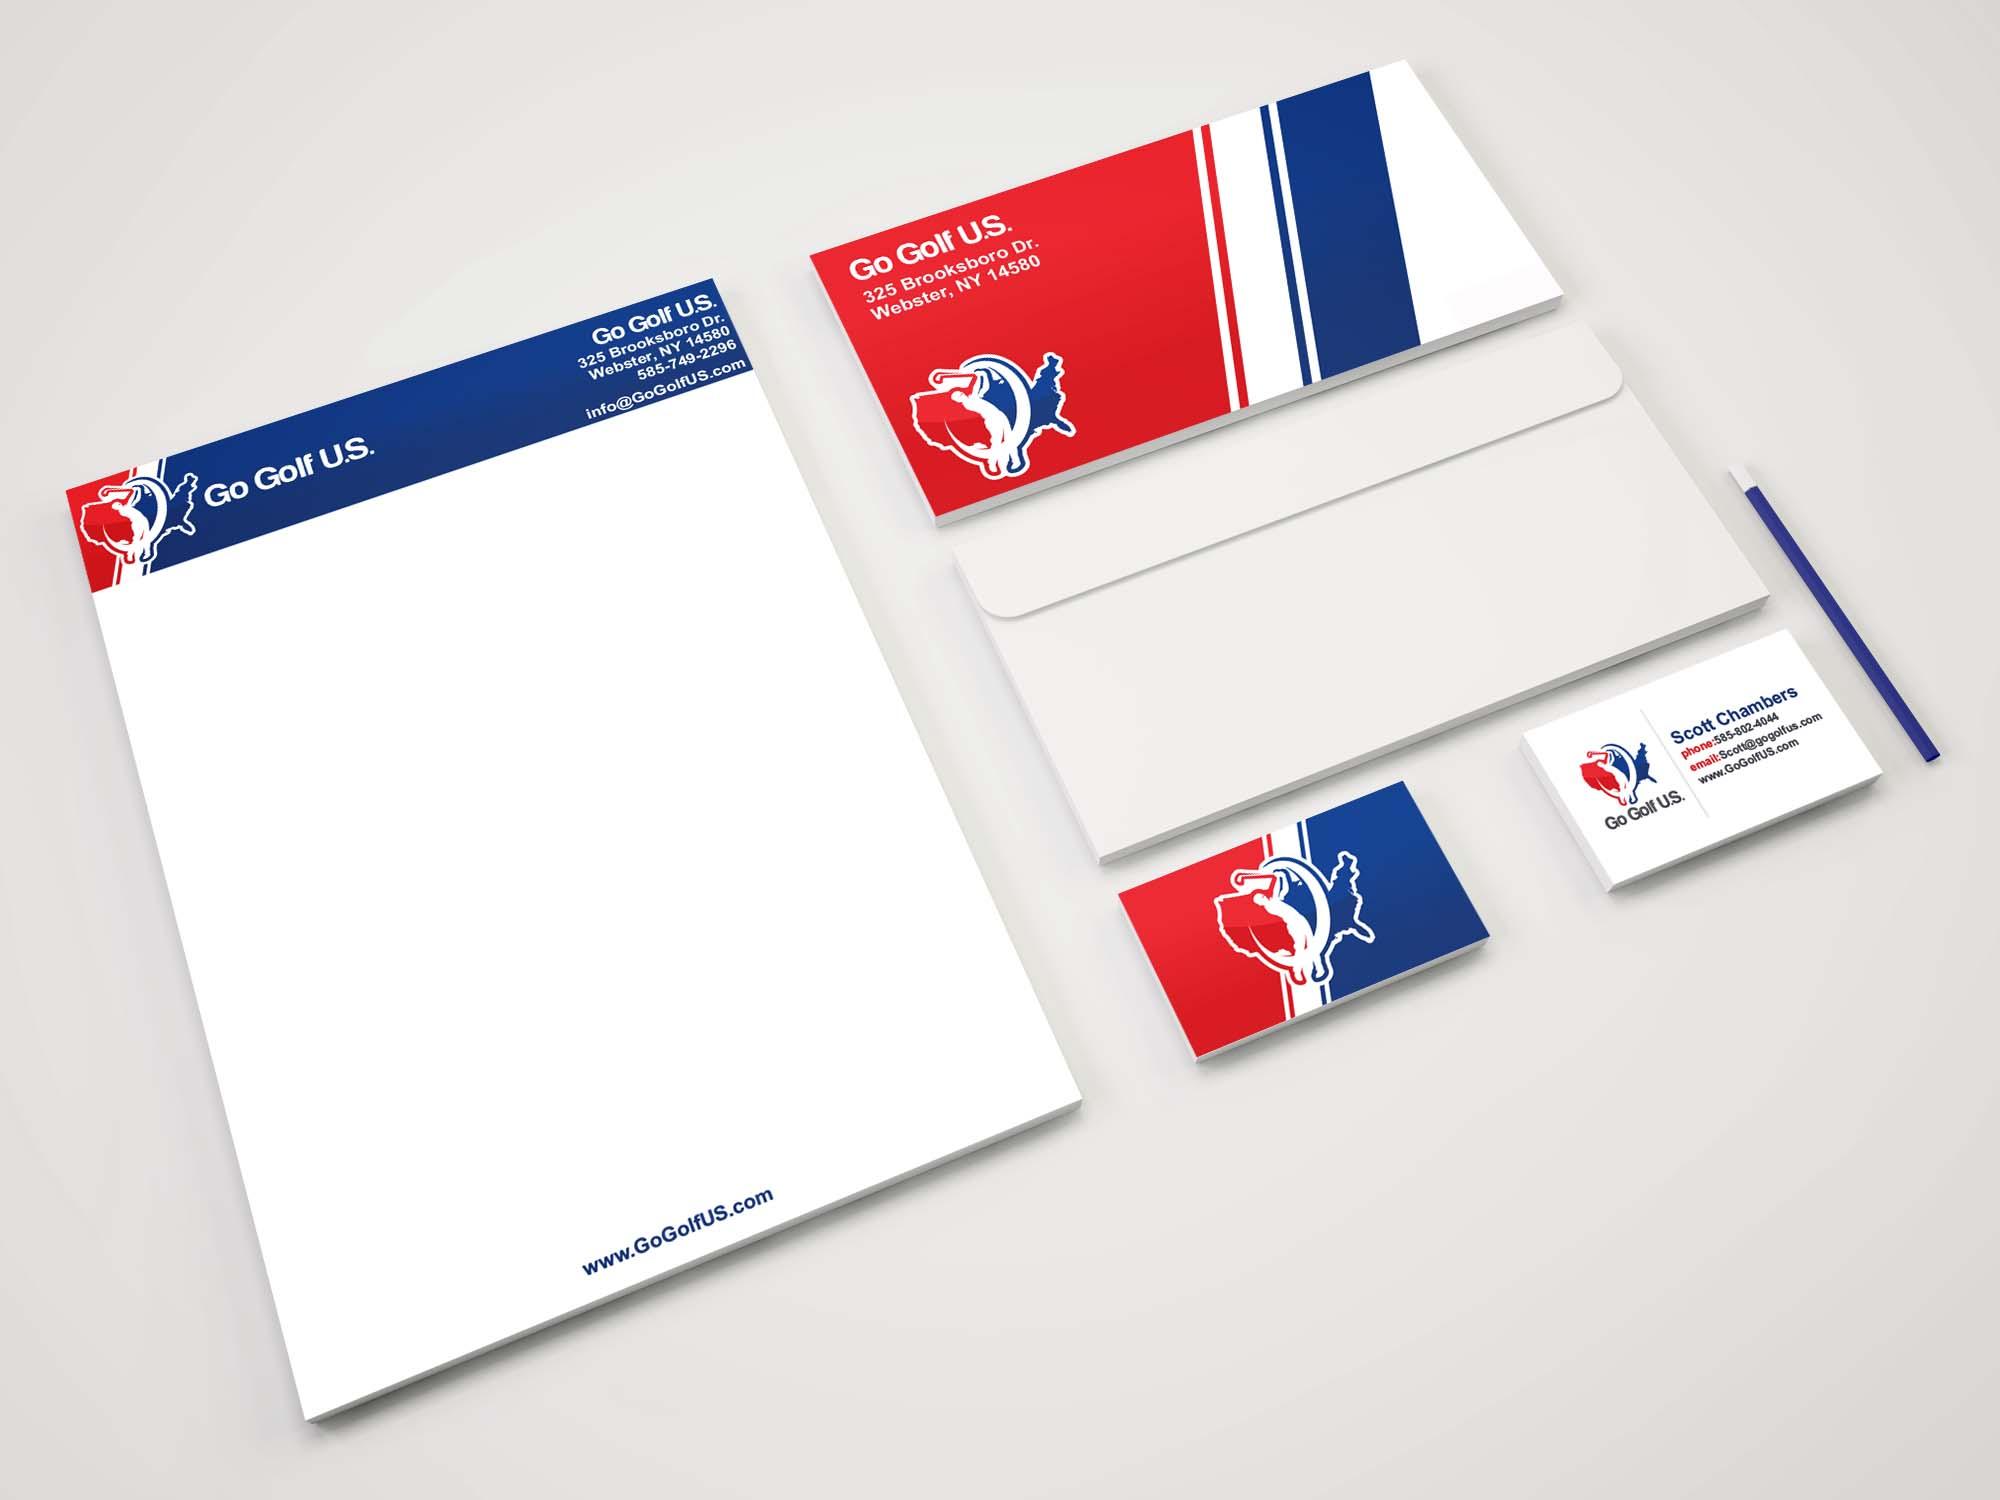 Go golf branding pack.jpg